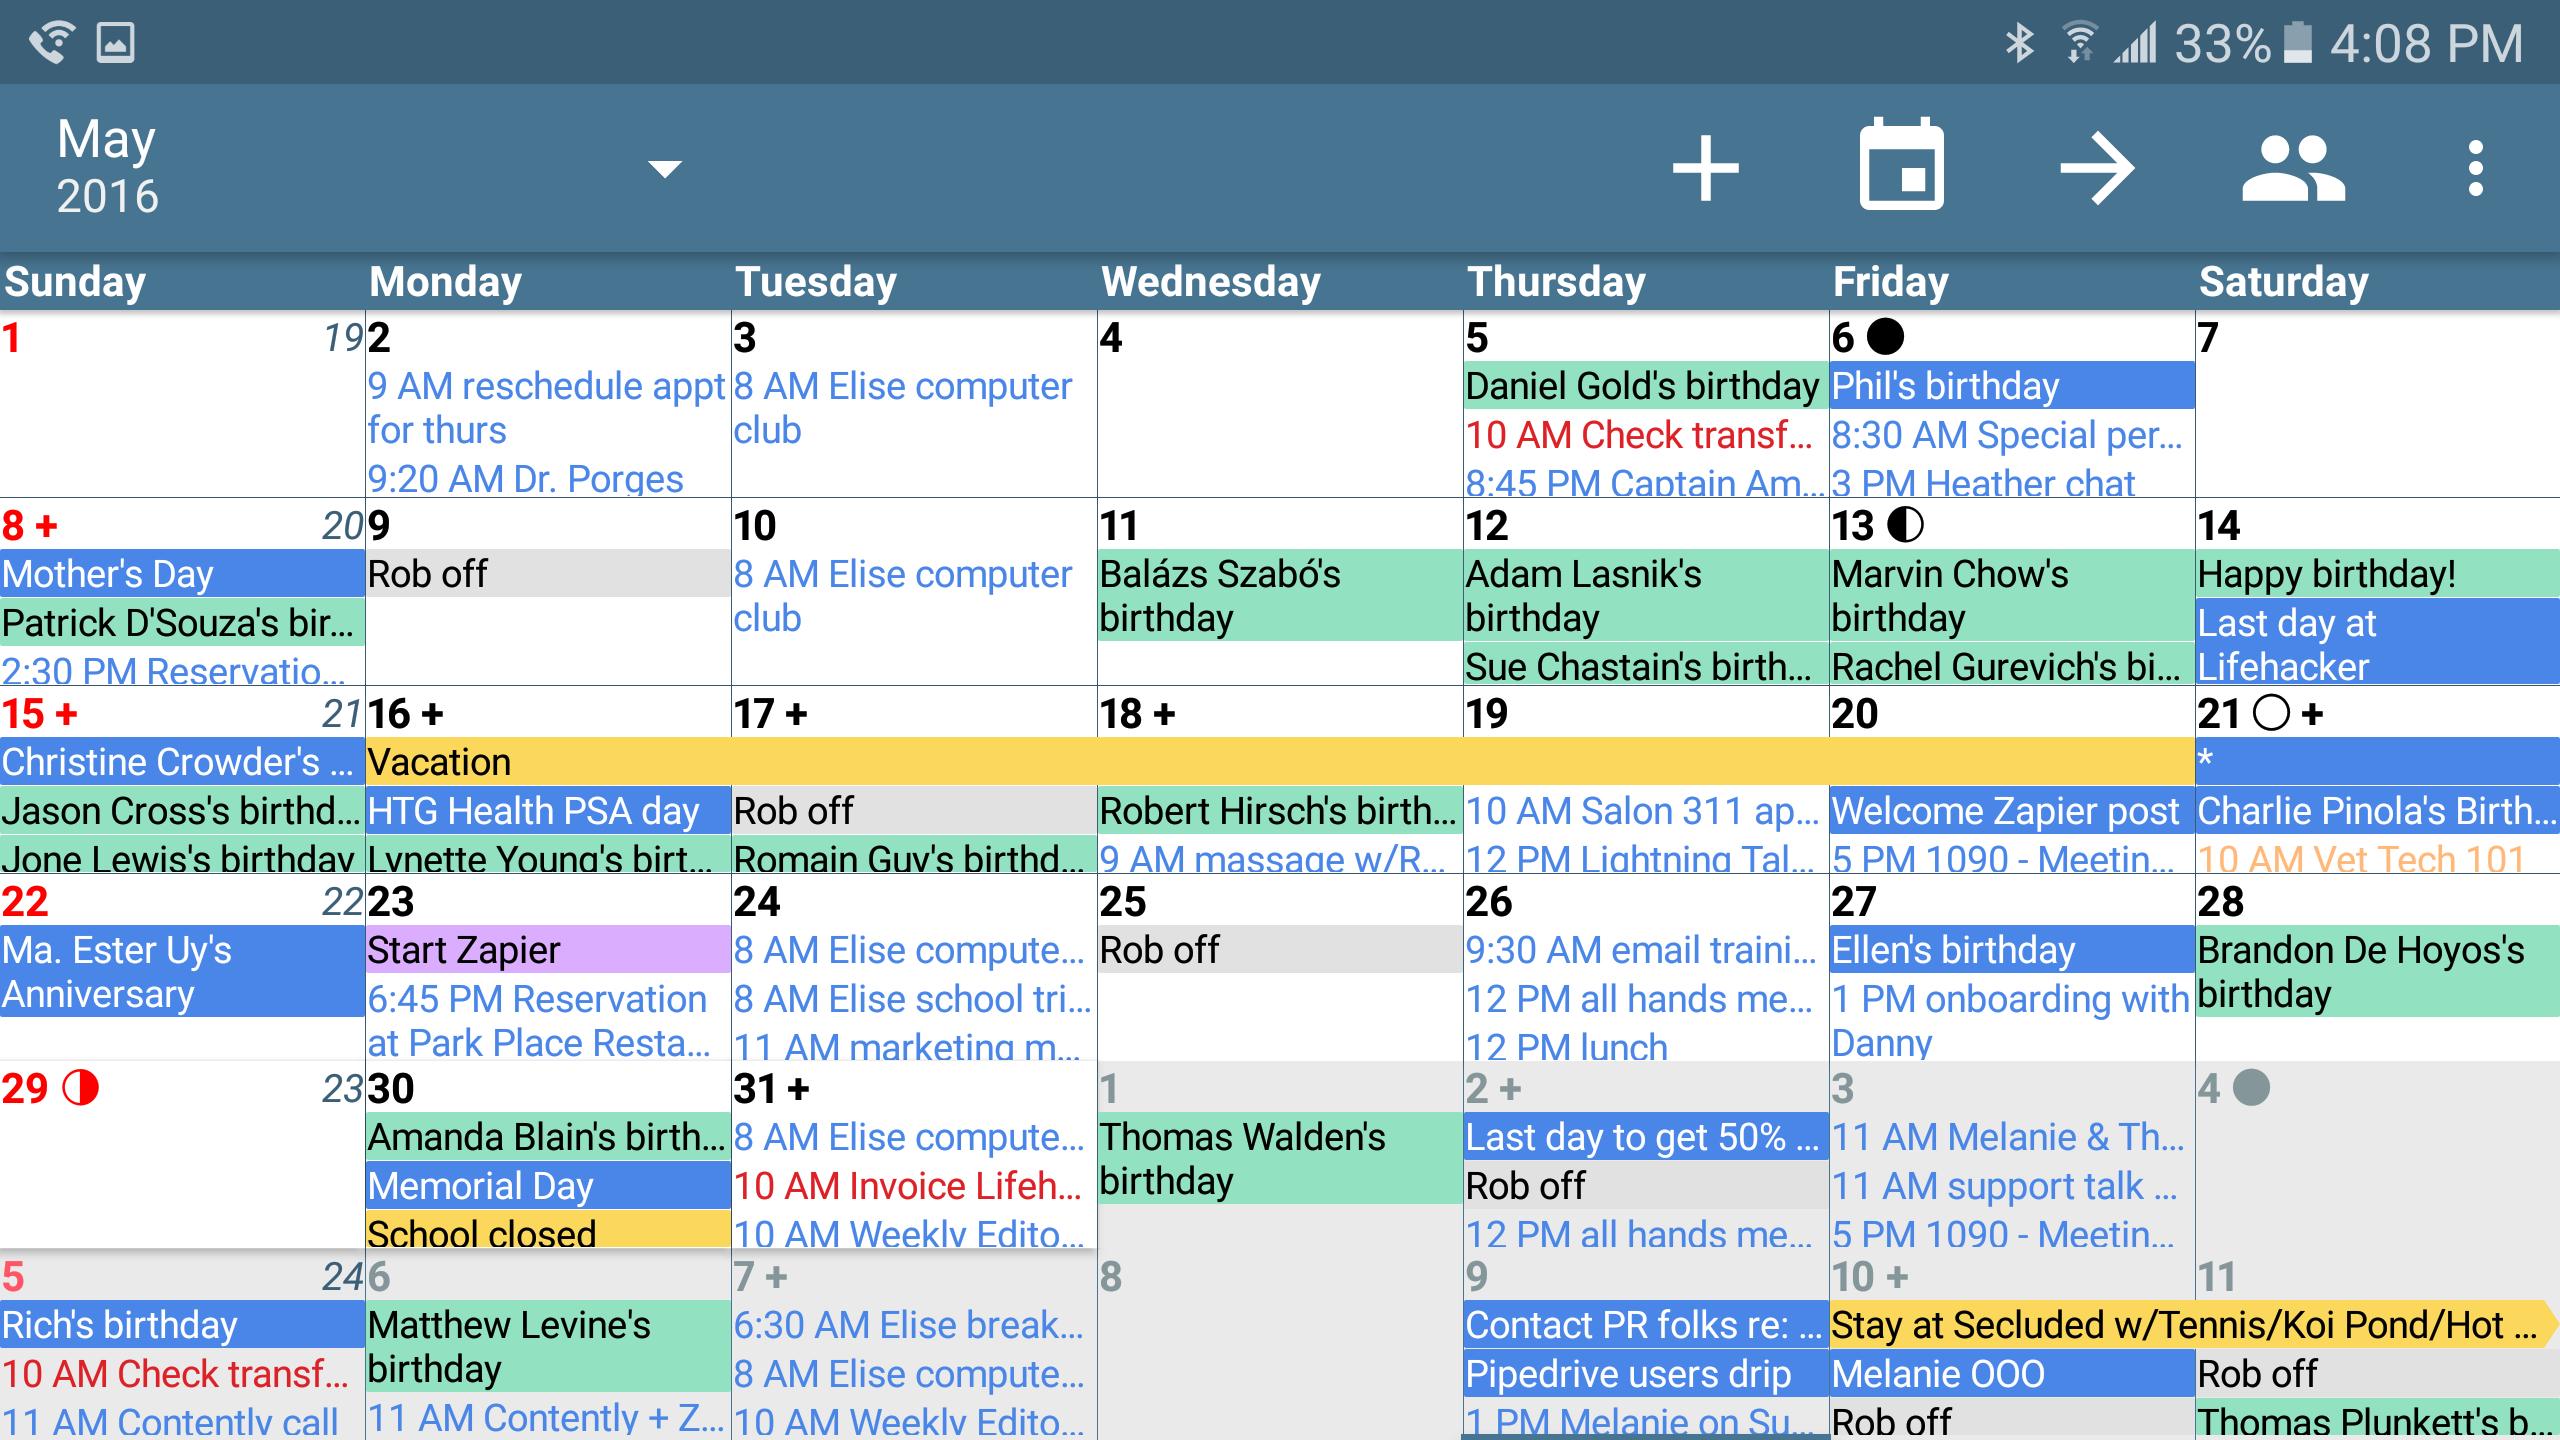 Google Ios Calendar App For Mac - Helpmystery's Blog